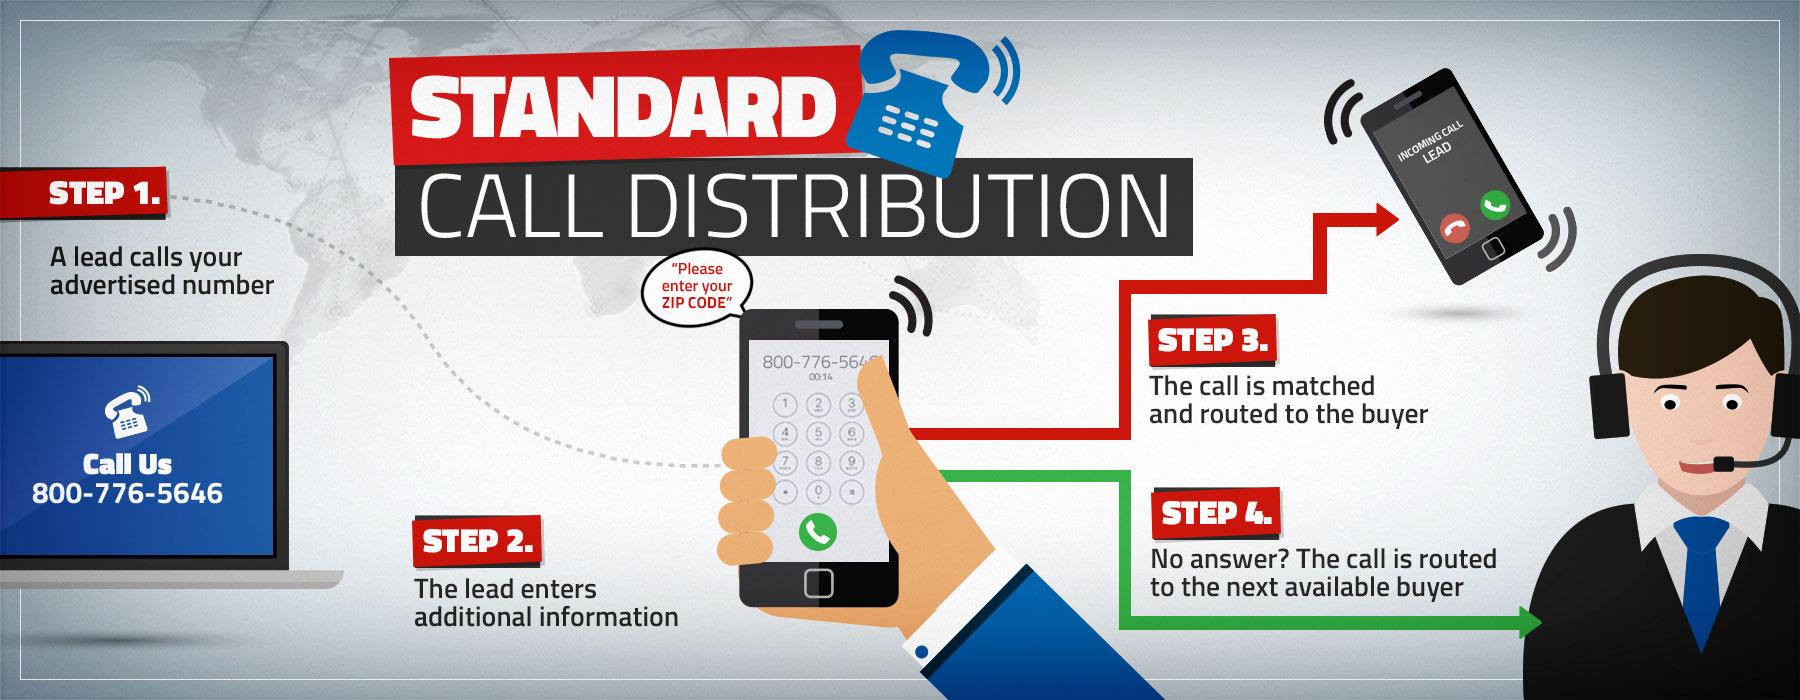 standard call distribution